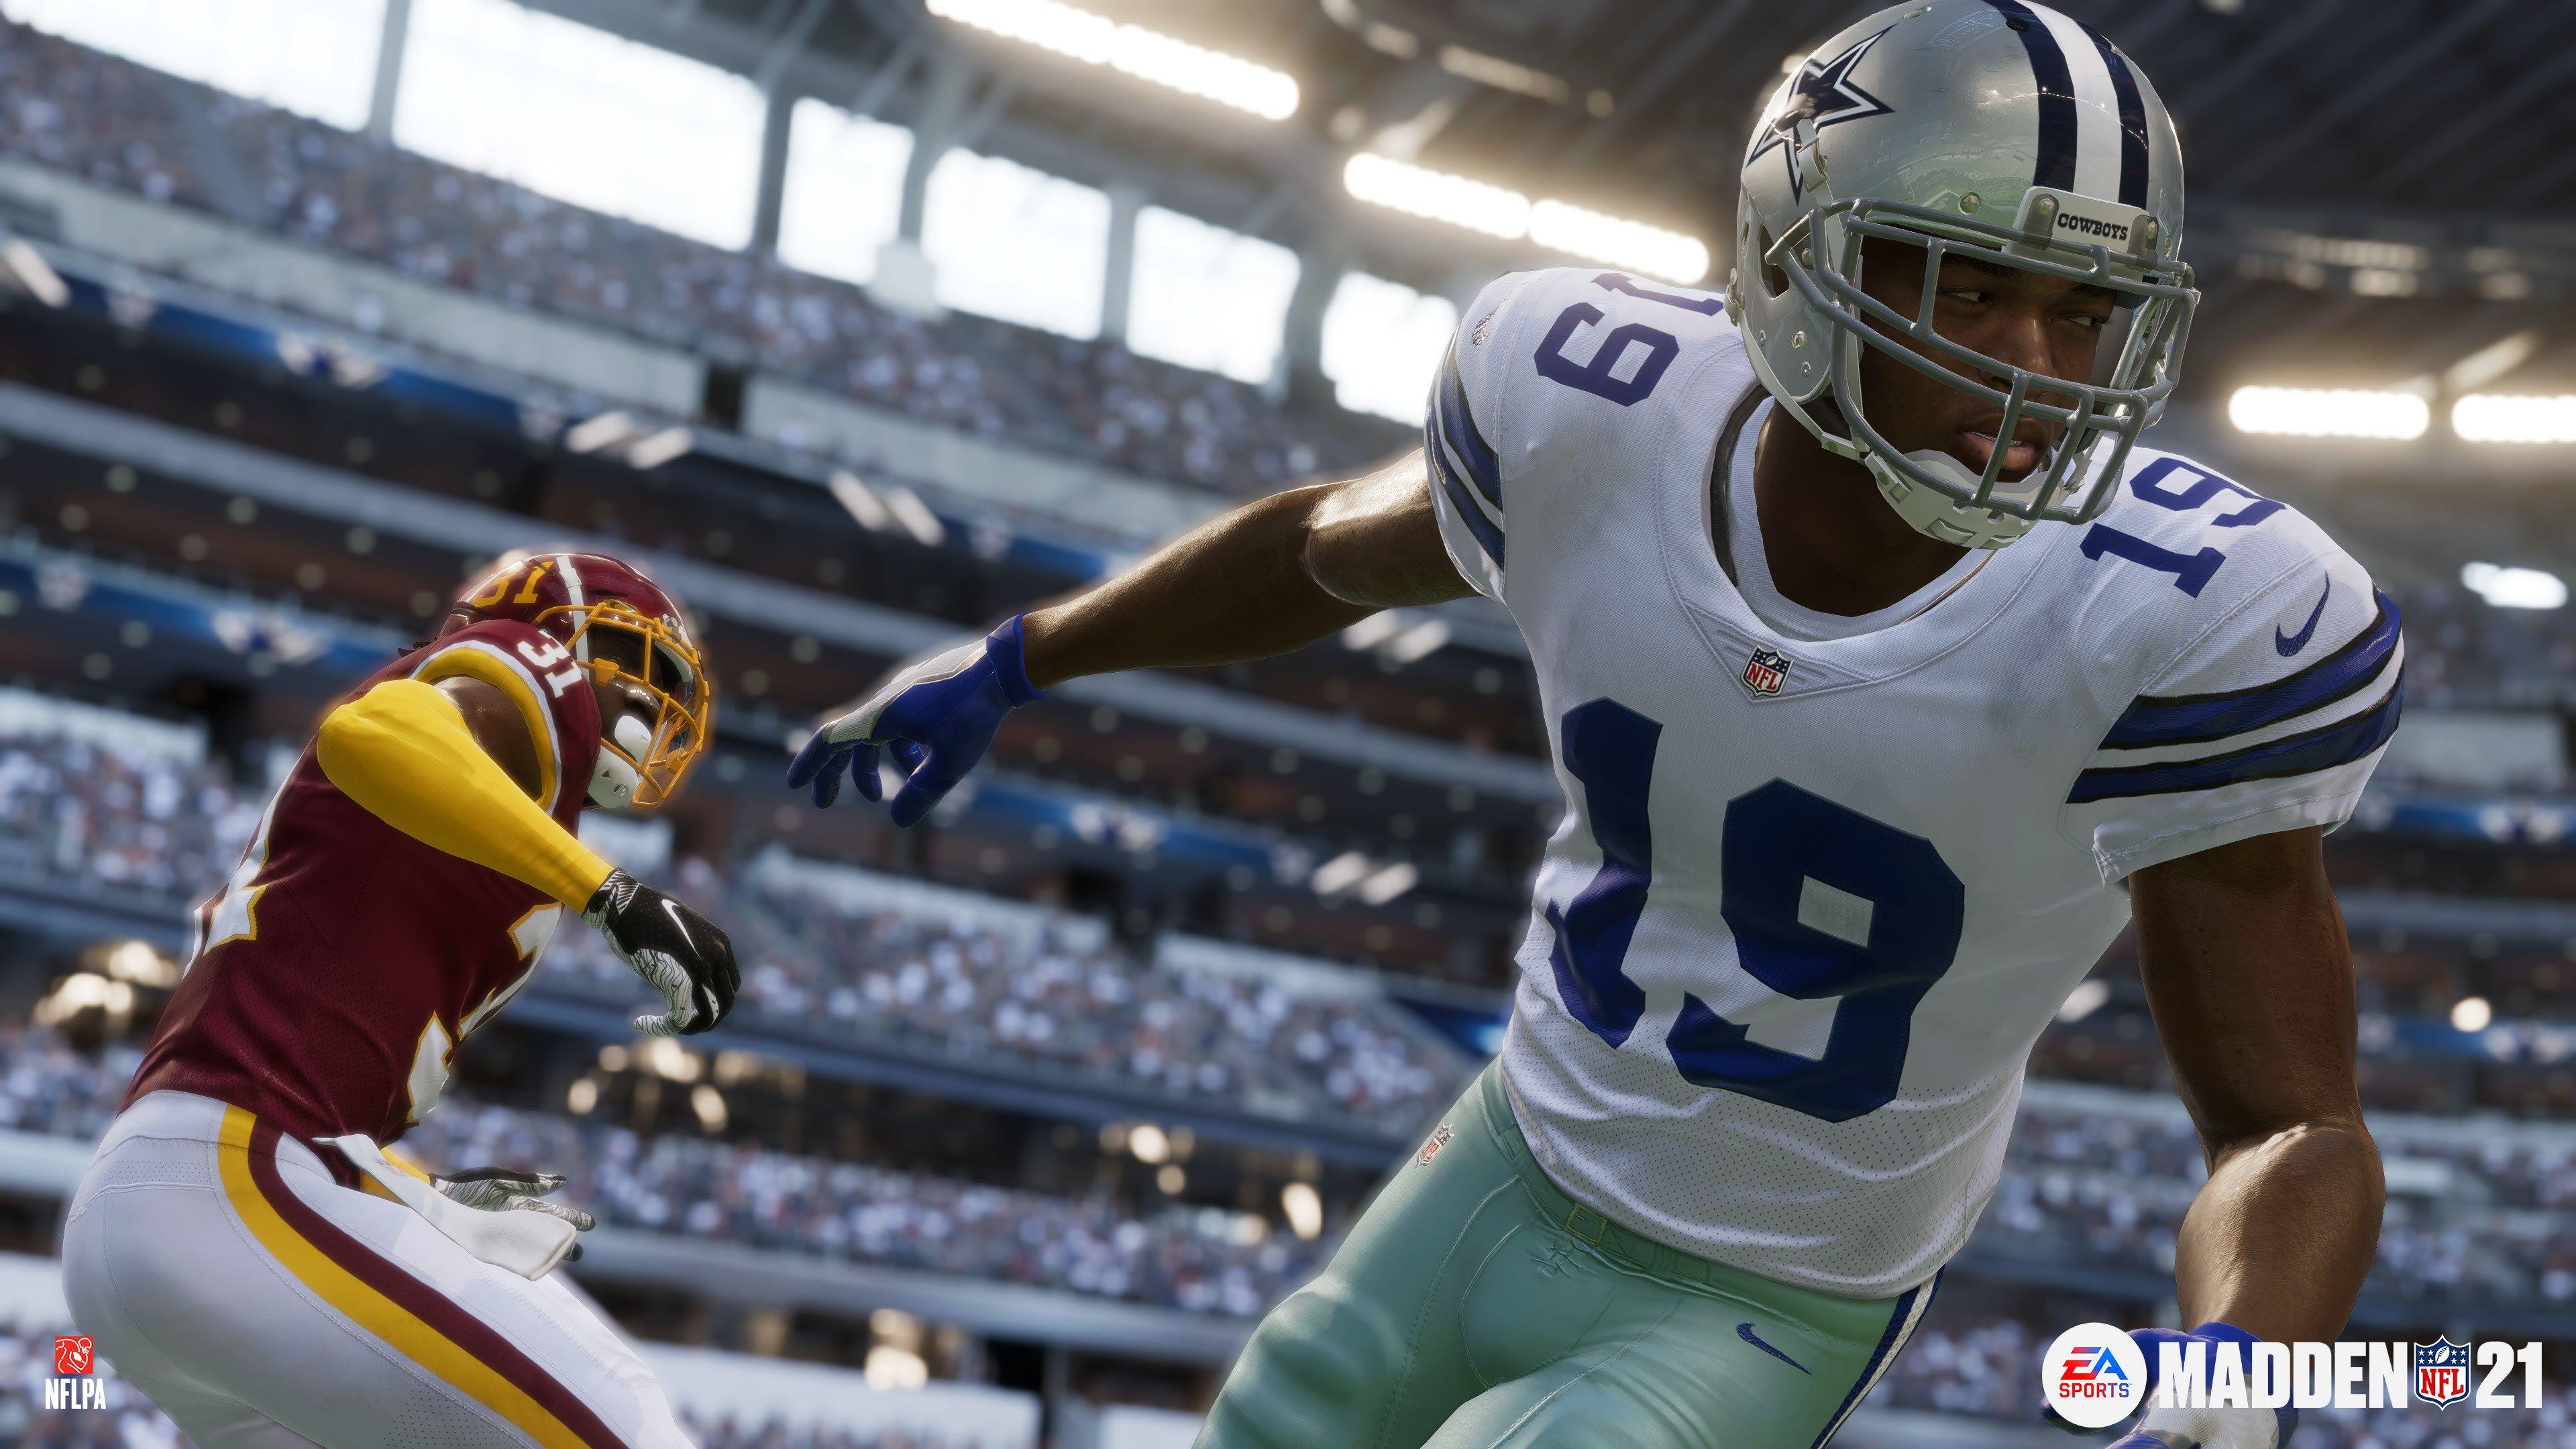 سی دی کی اریجینال بازی Madden NFL 21